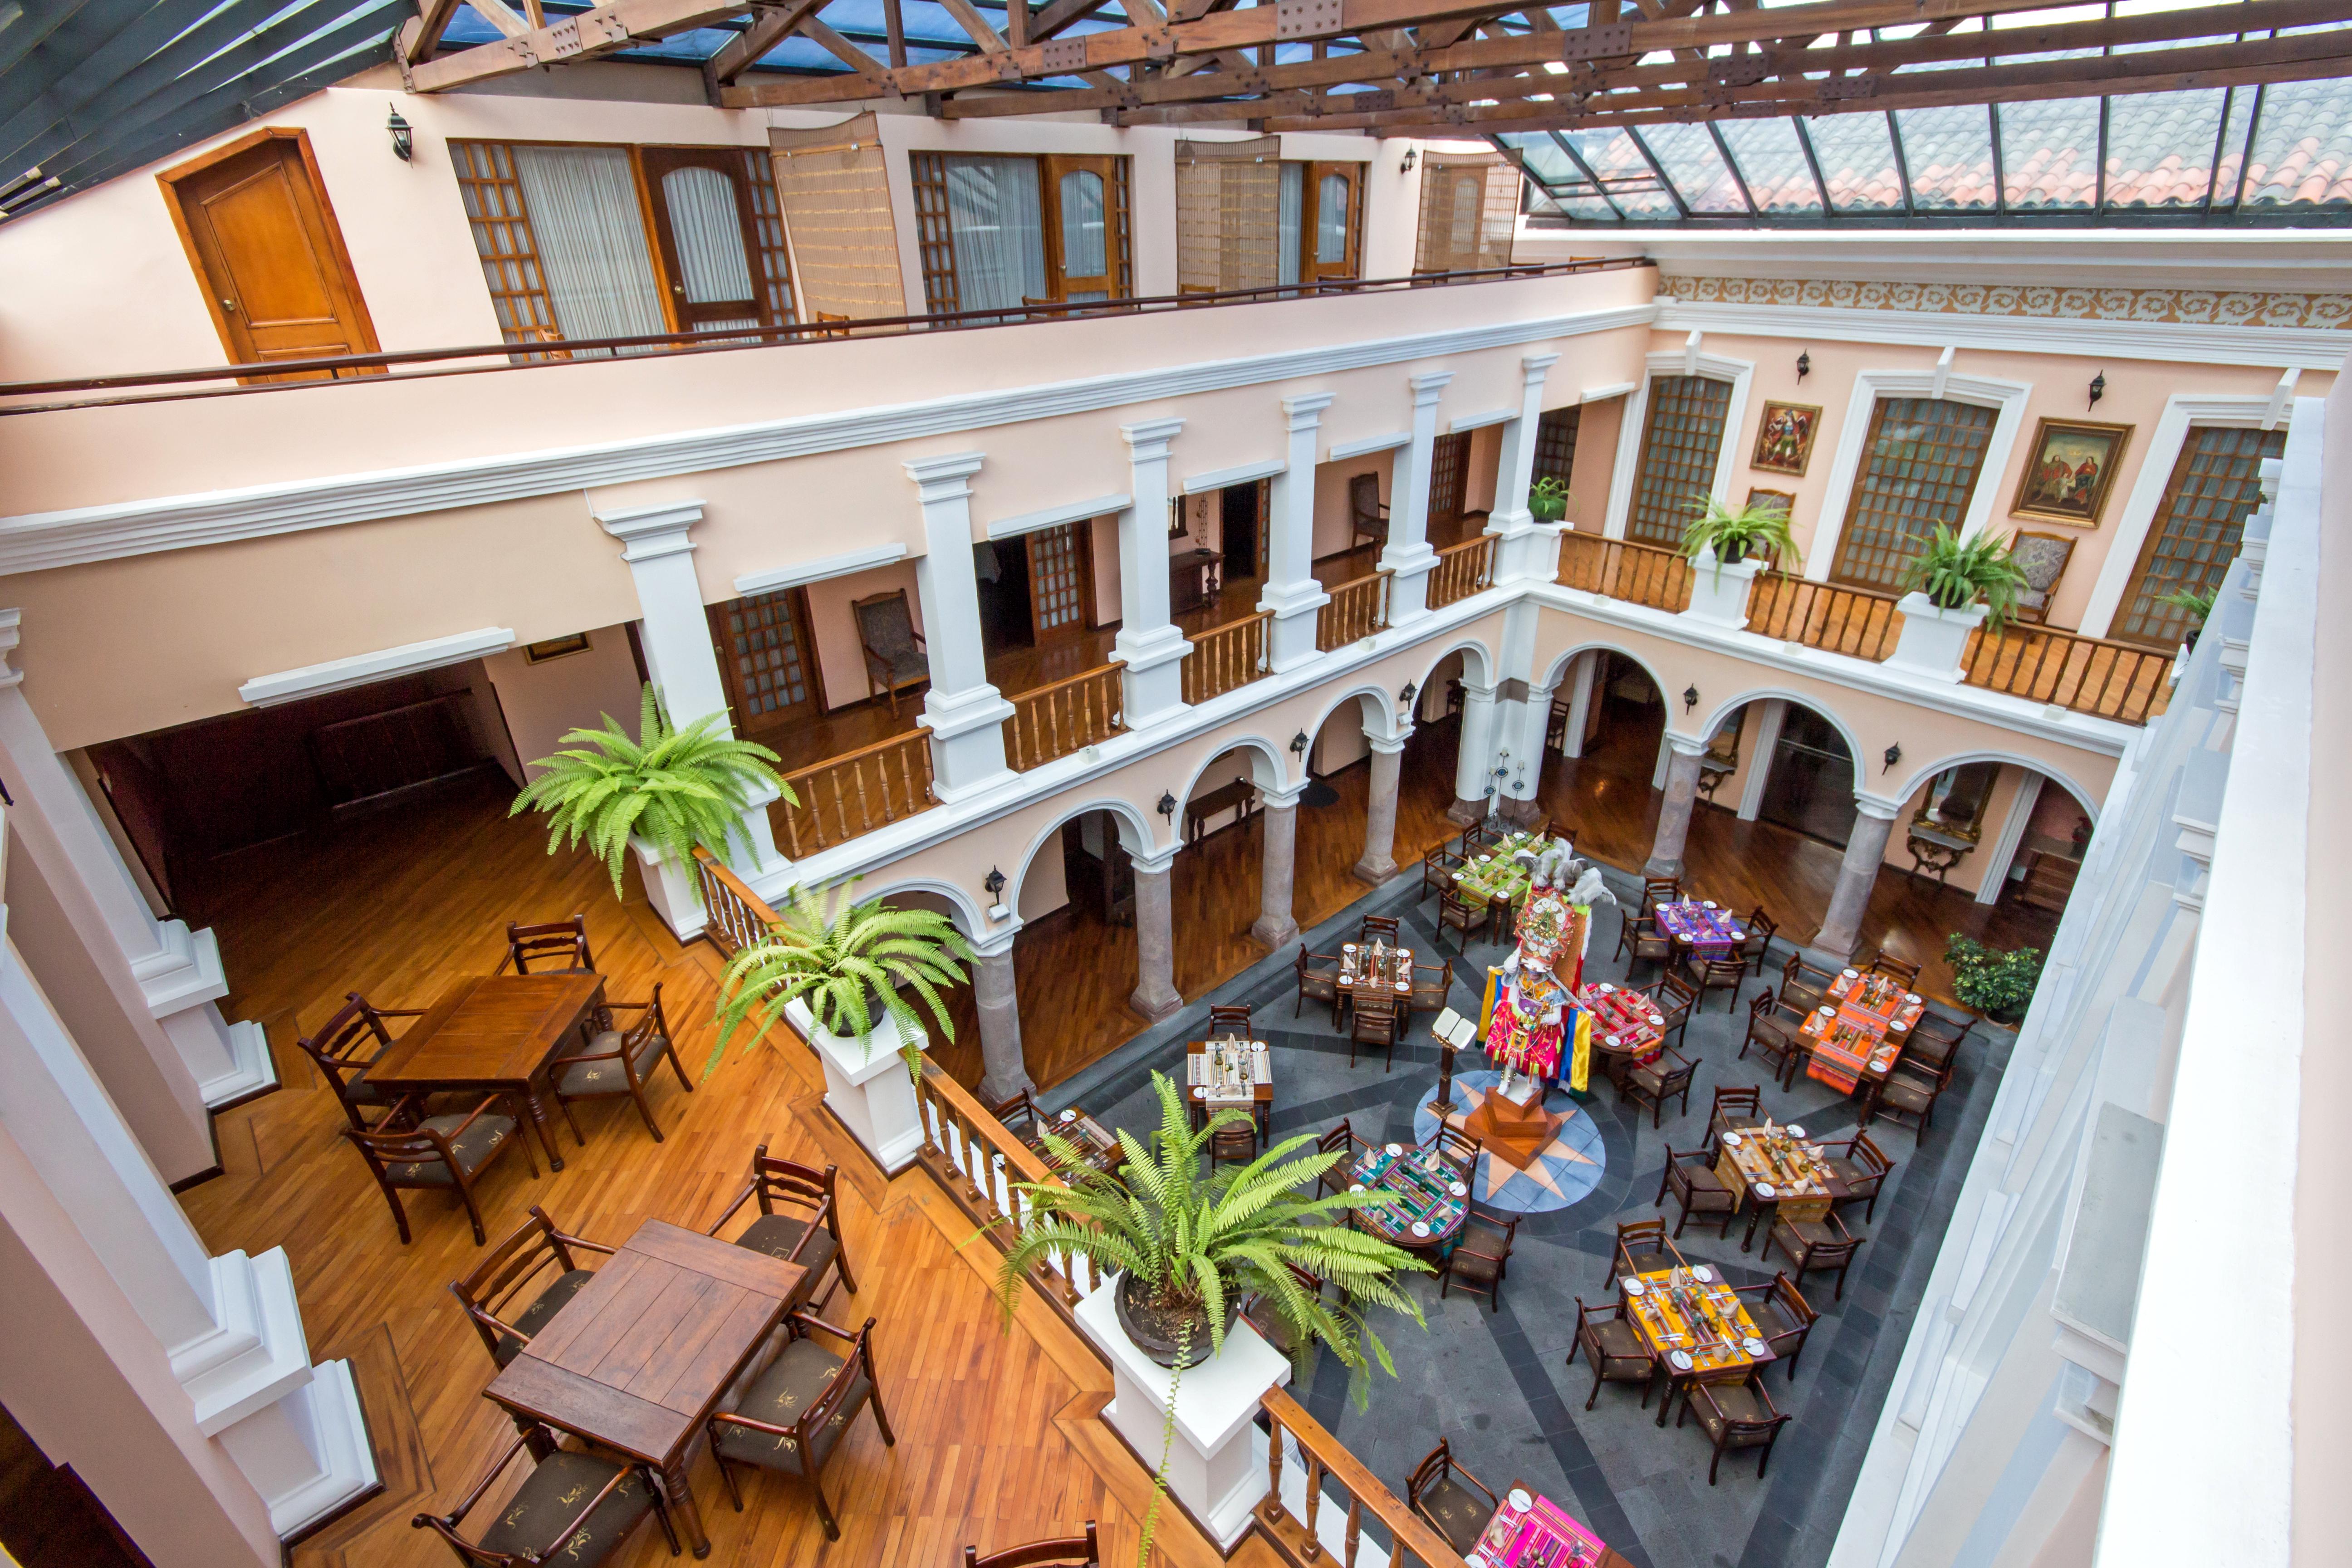 Hotel patio andaluz hotel boutique colonial - Fotos patio andaluz ...